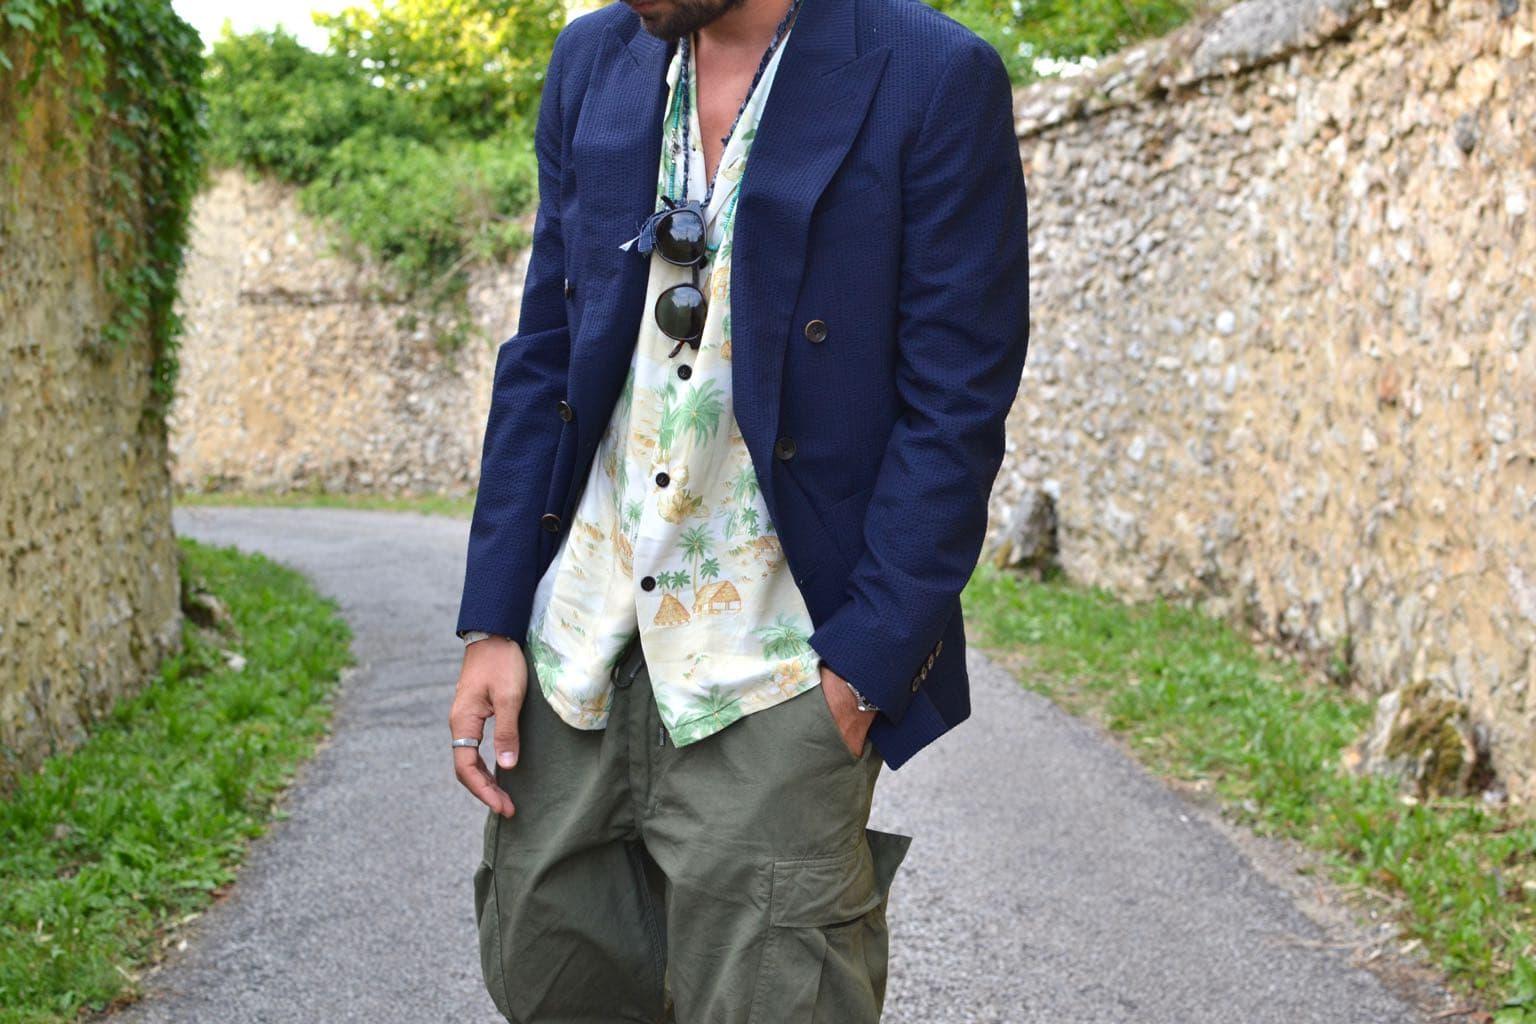 comment porter un blazer croisé bonne gueule dans un stule homme street heritage sprezzatura